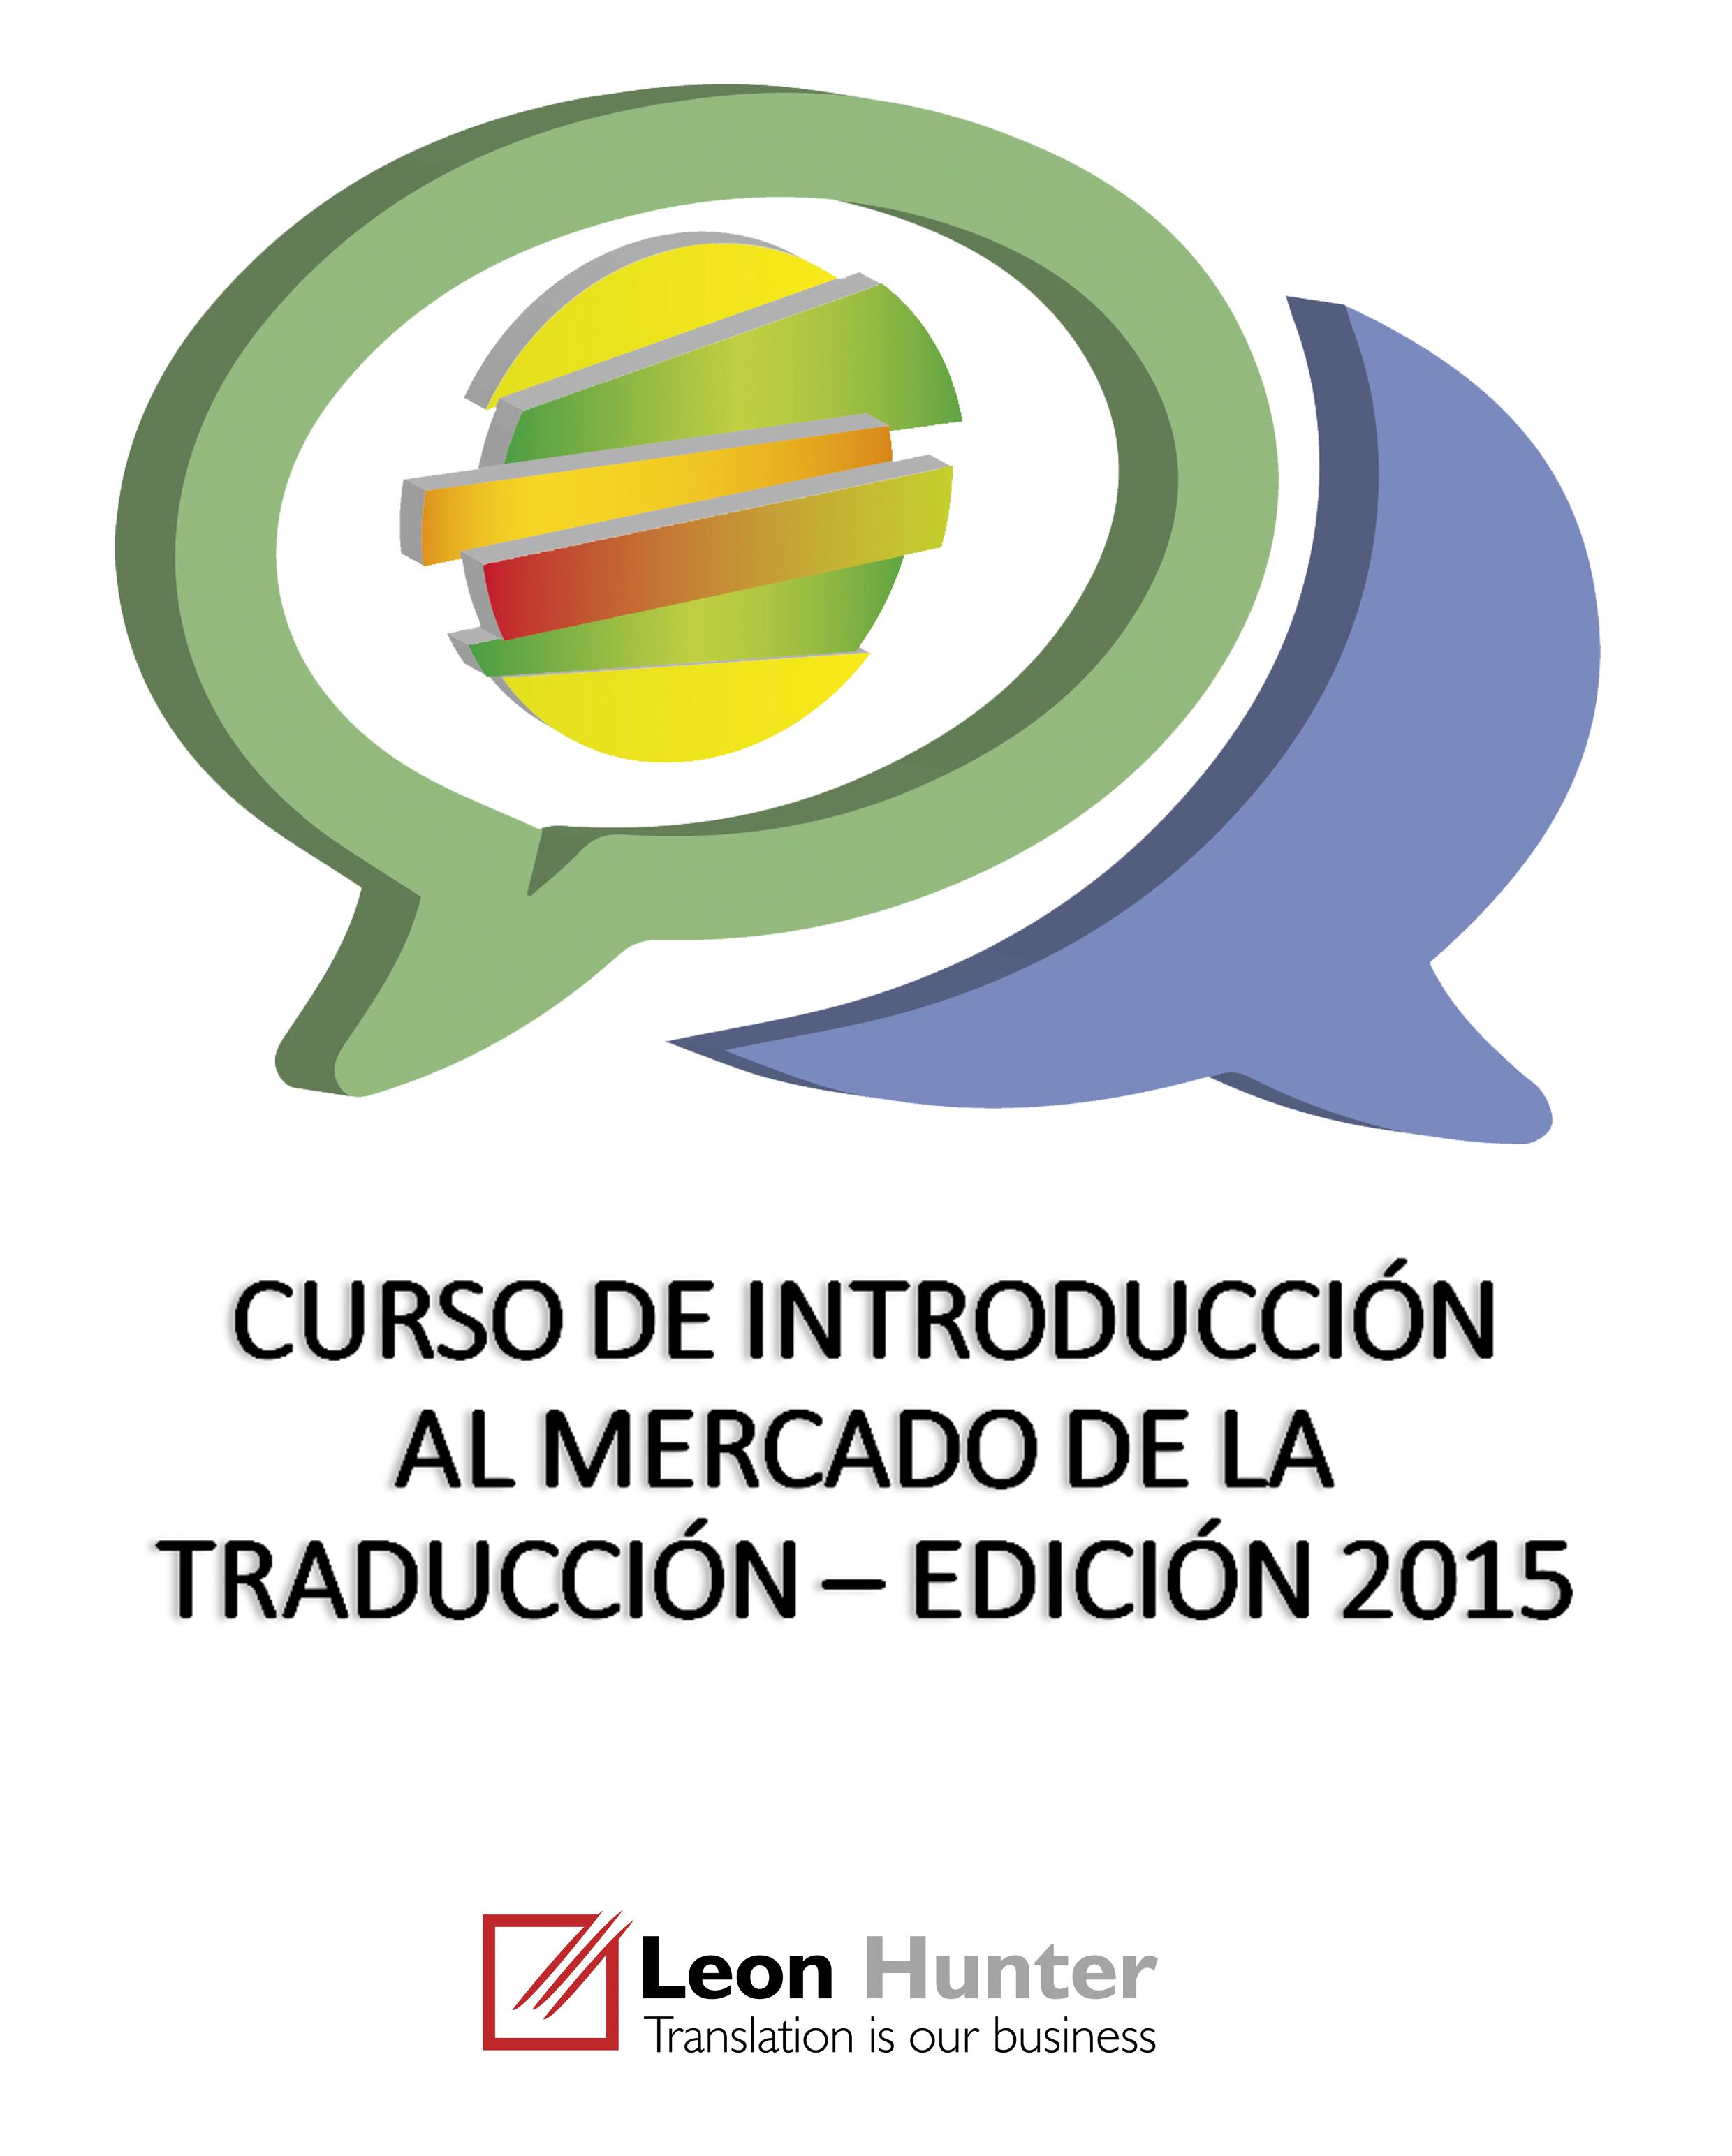 Presentación del curso de introducción al mercado de la traducción